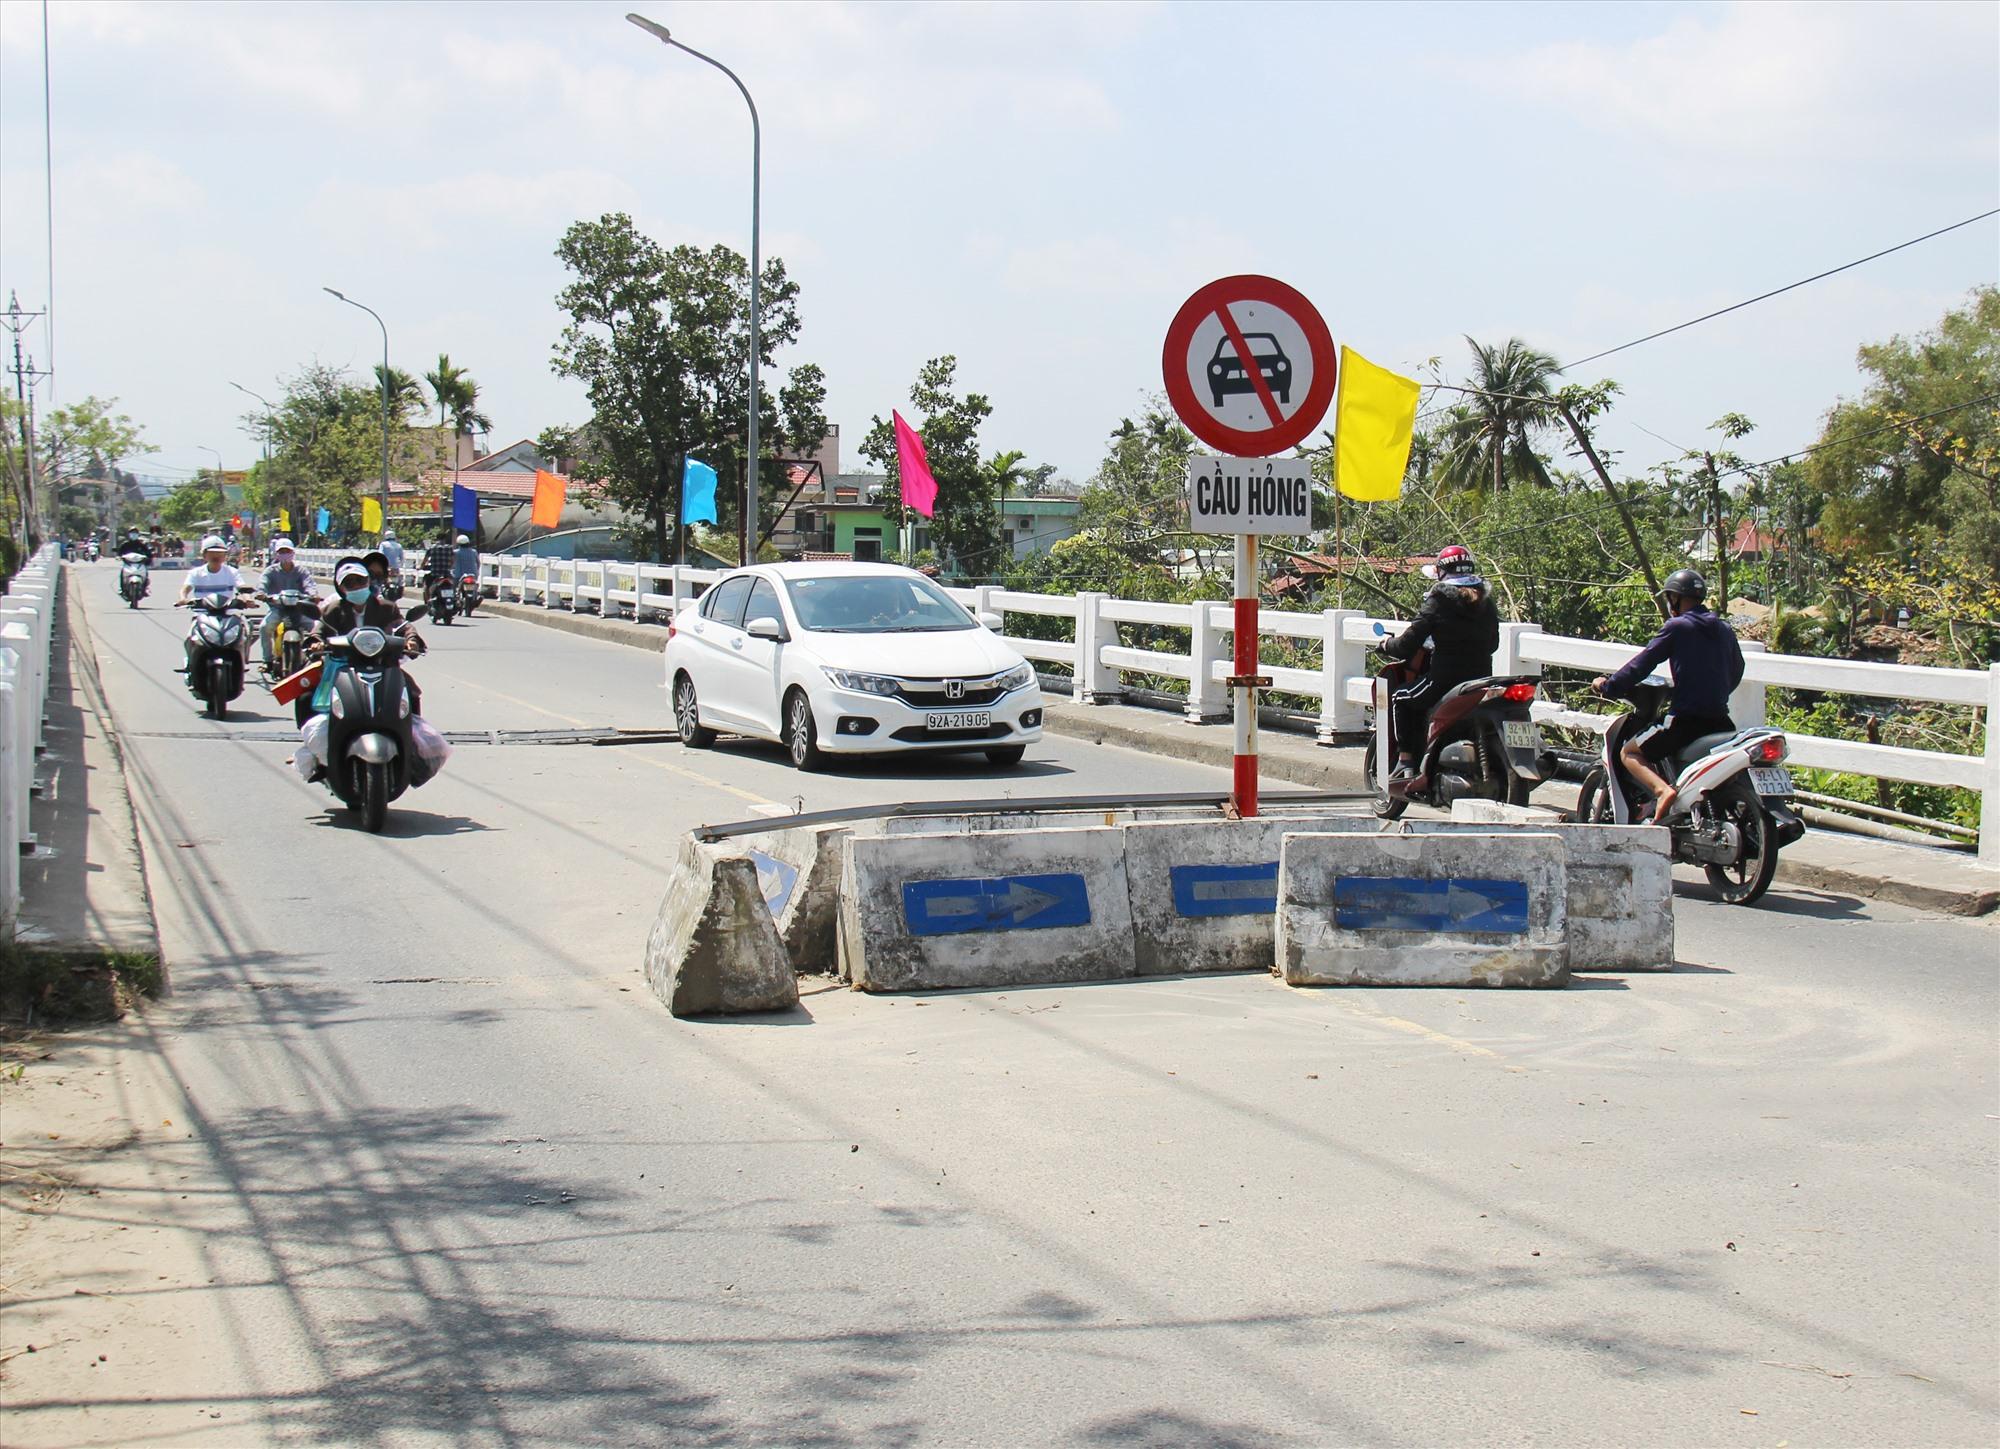 Cầu Tam Kỳ hư hỏng, chính quyền địa phương đặt biển cảnh báo cấm ô tô. Ảnh: HOÀI AN